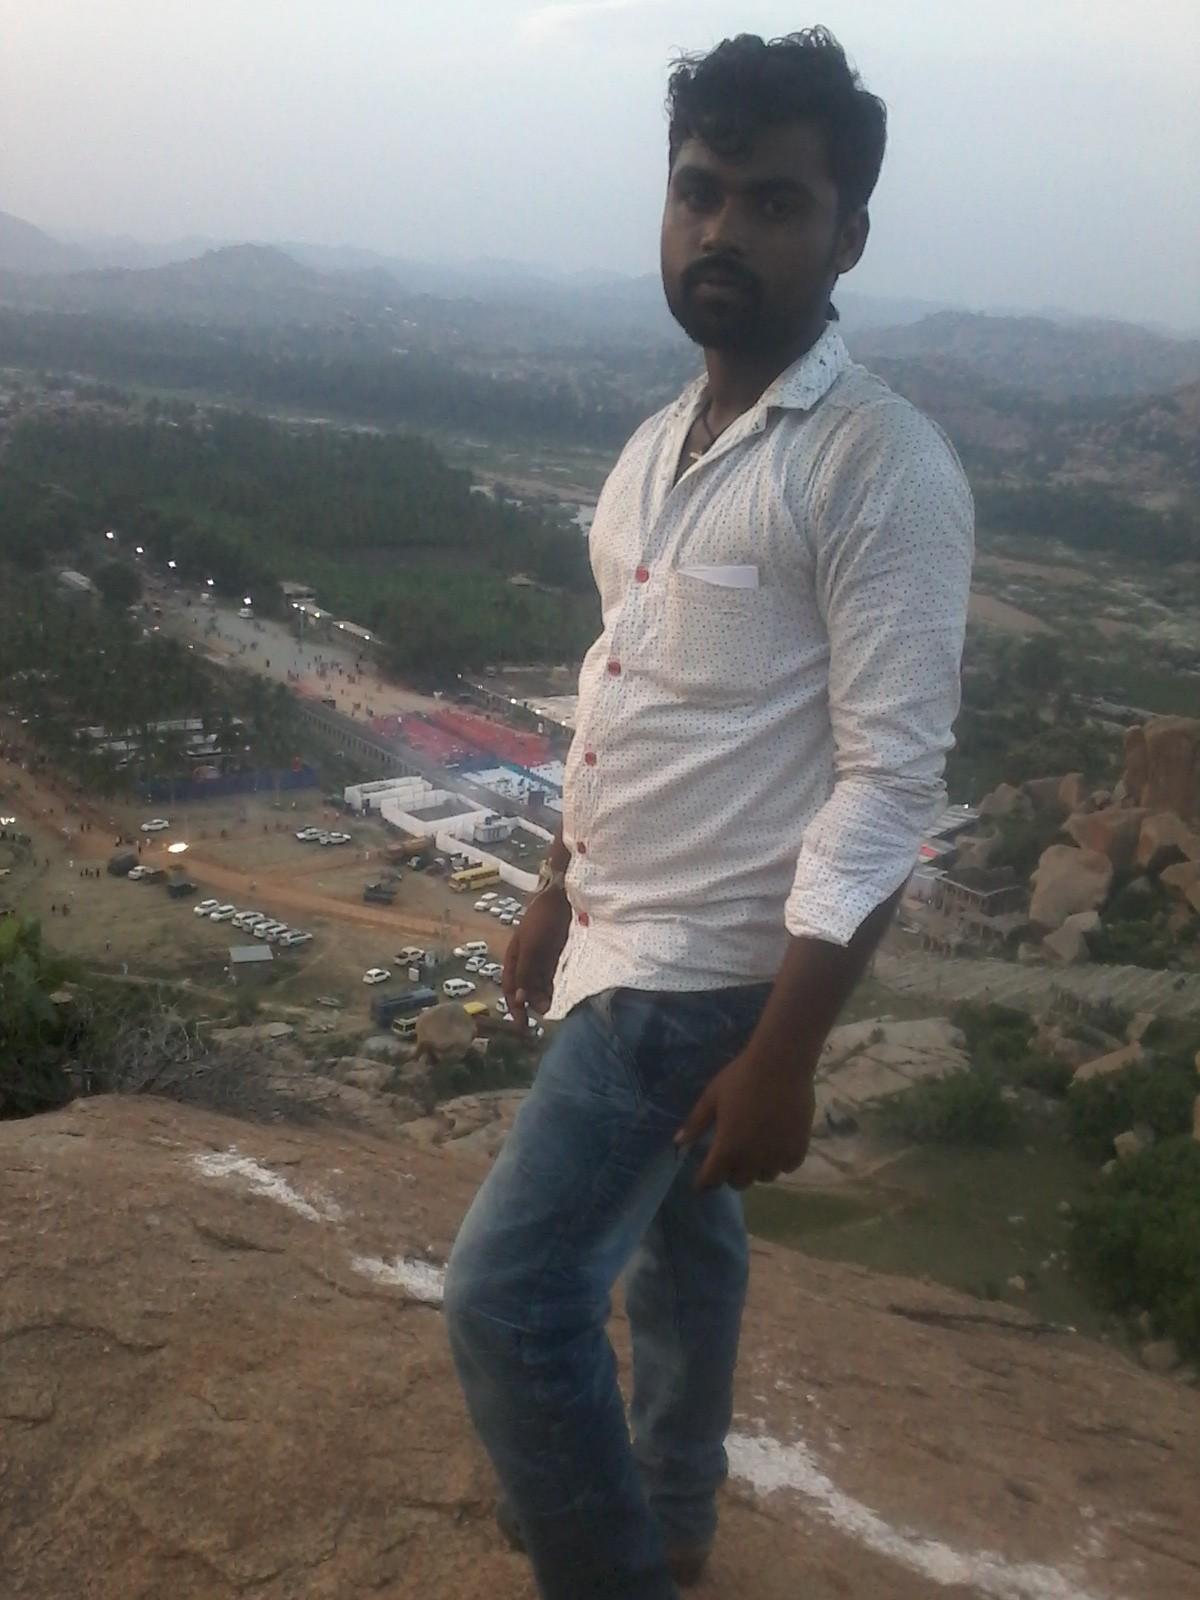 ರಂಜಾನ್ ಚಂದಿರ - ShareChat